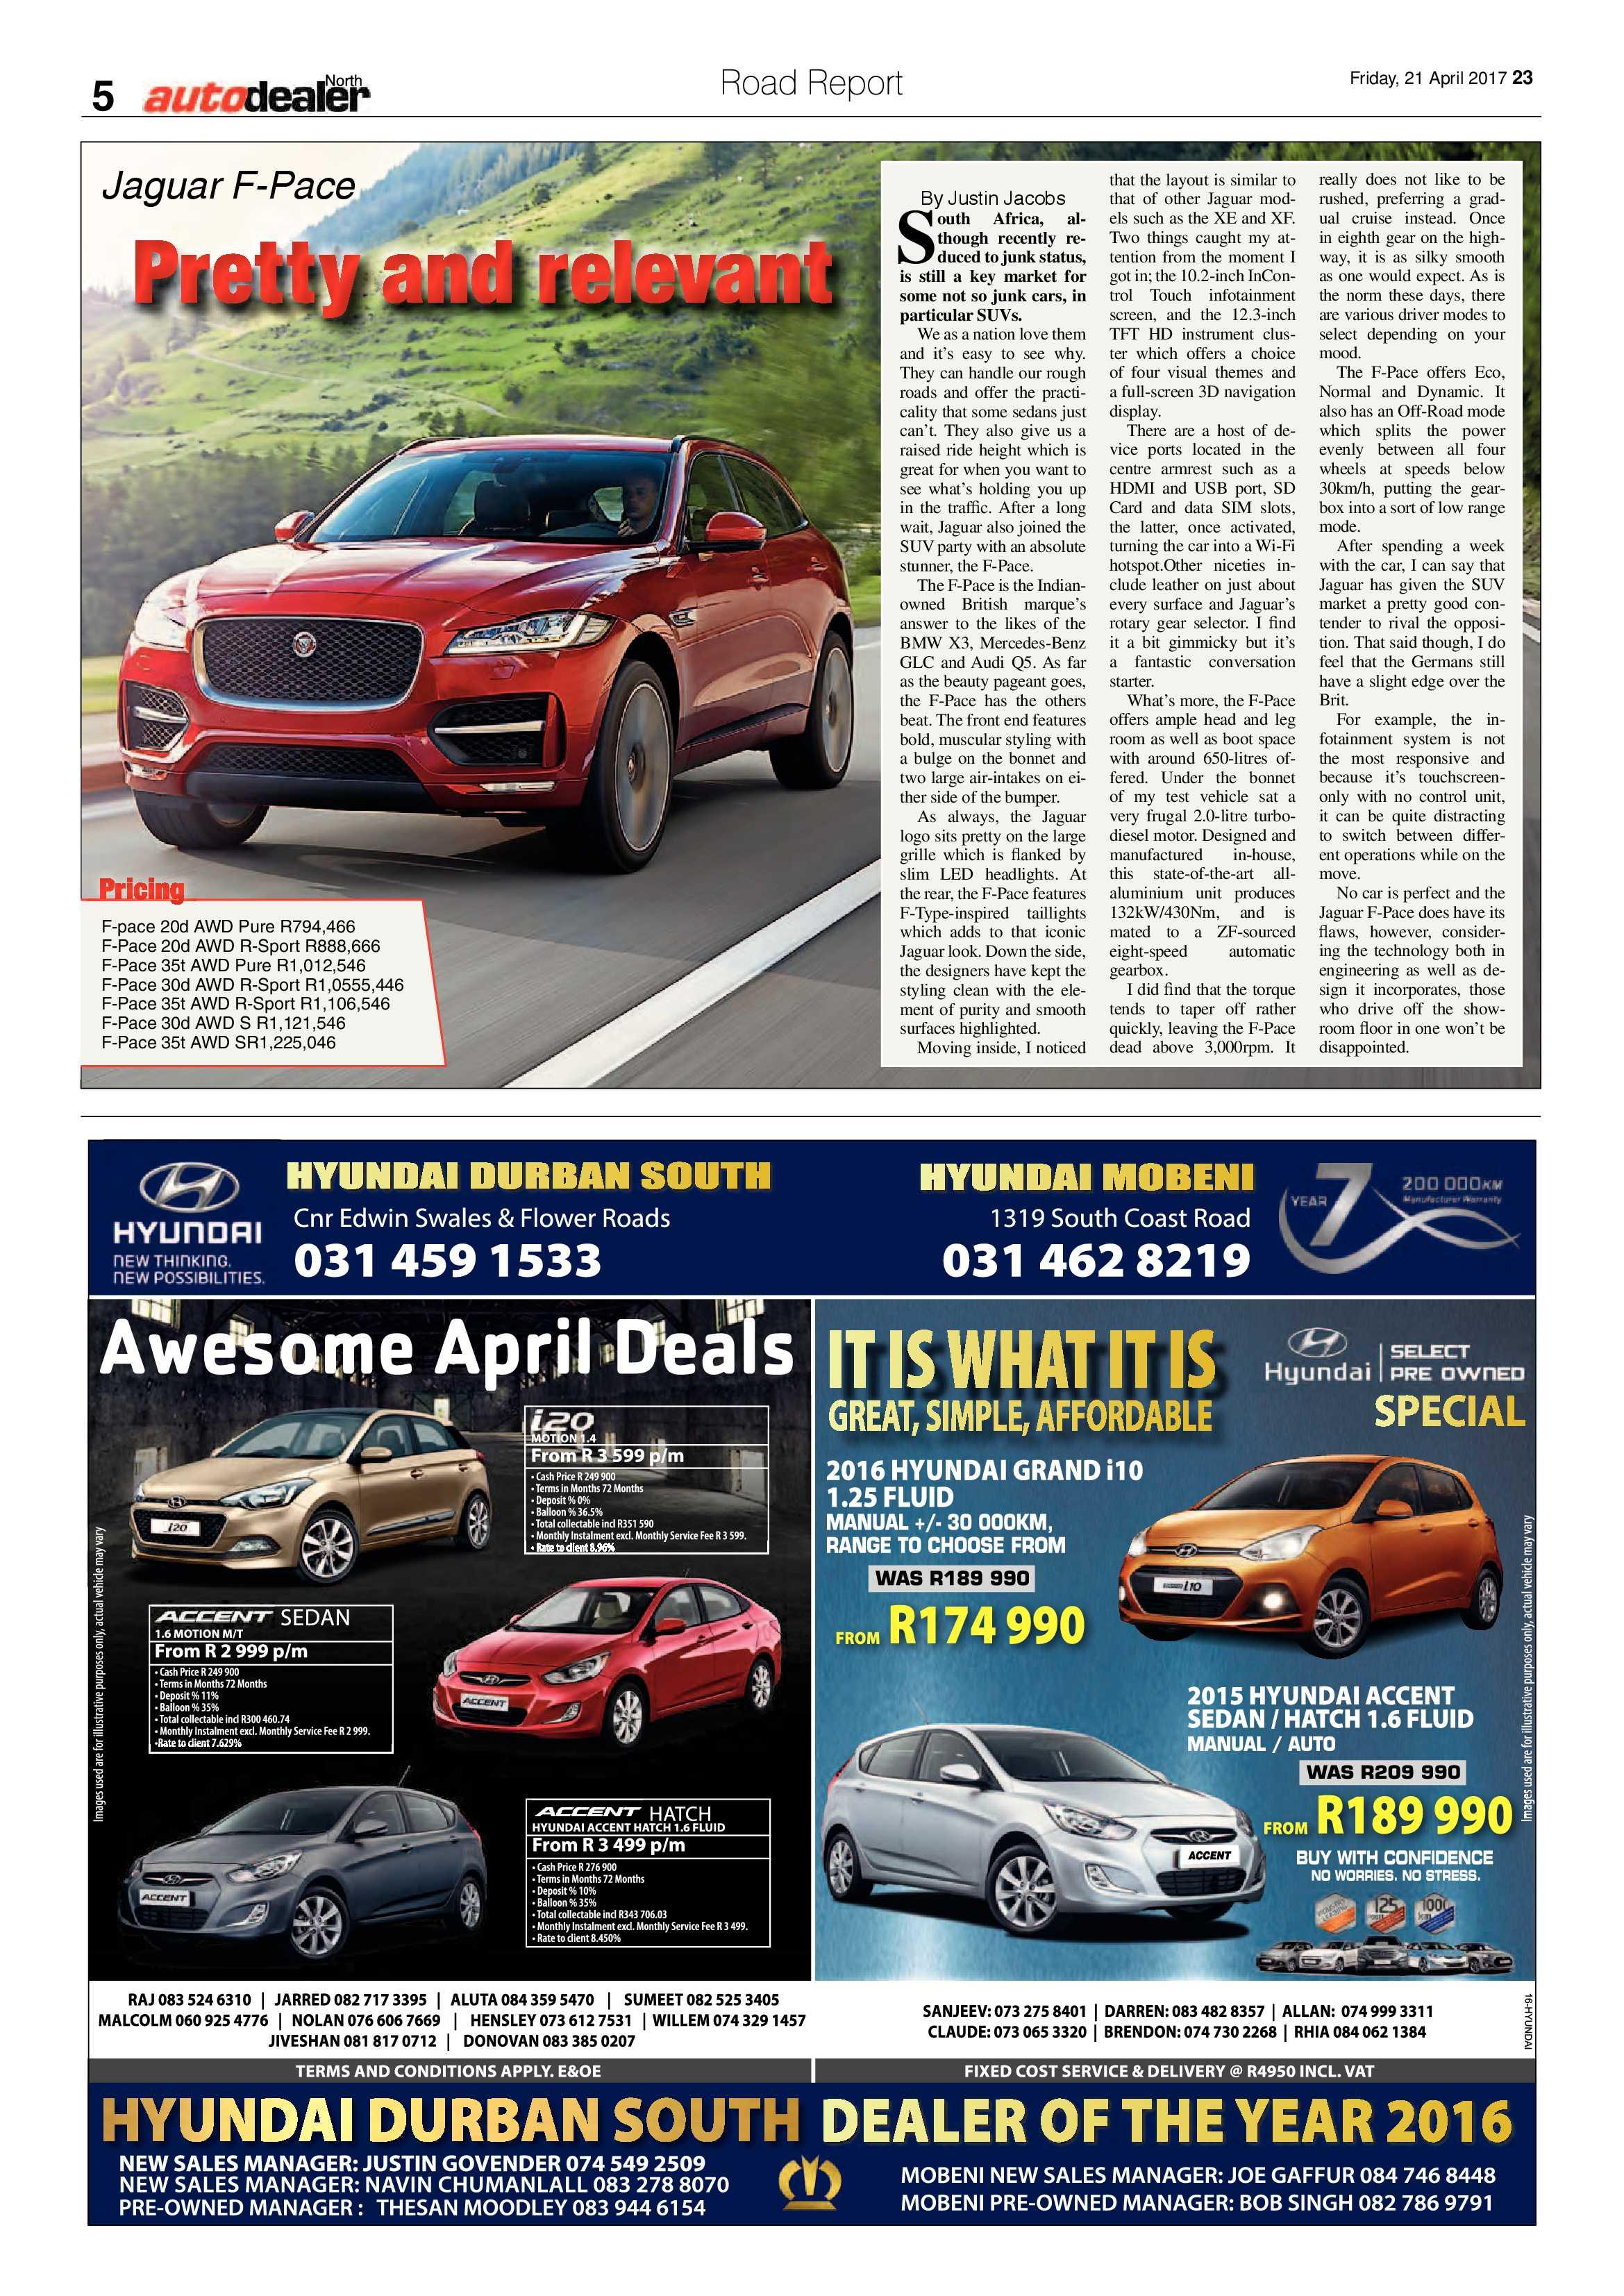 northglen-news-21-april-2017-epapers-page-23